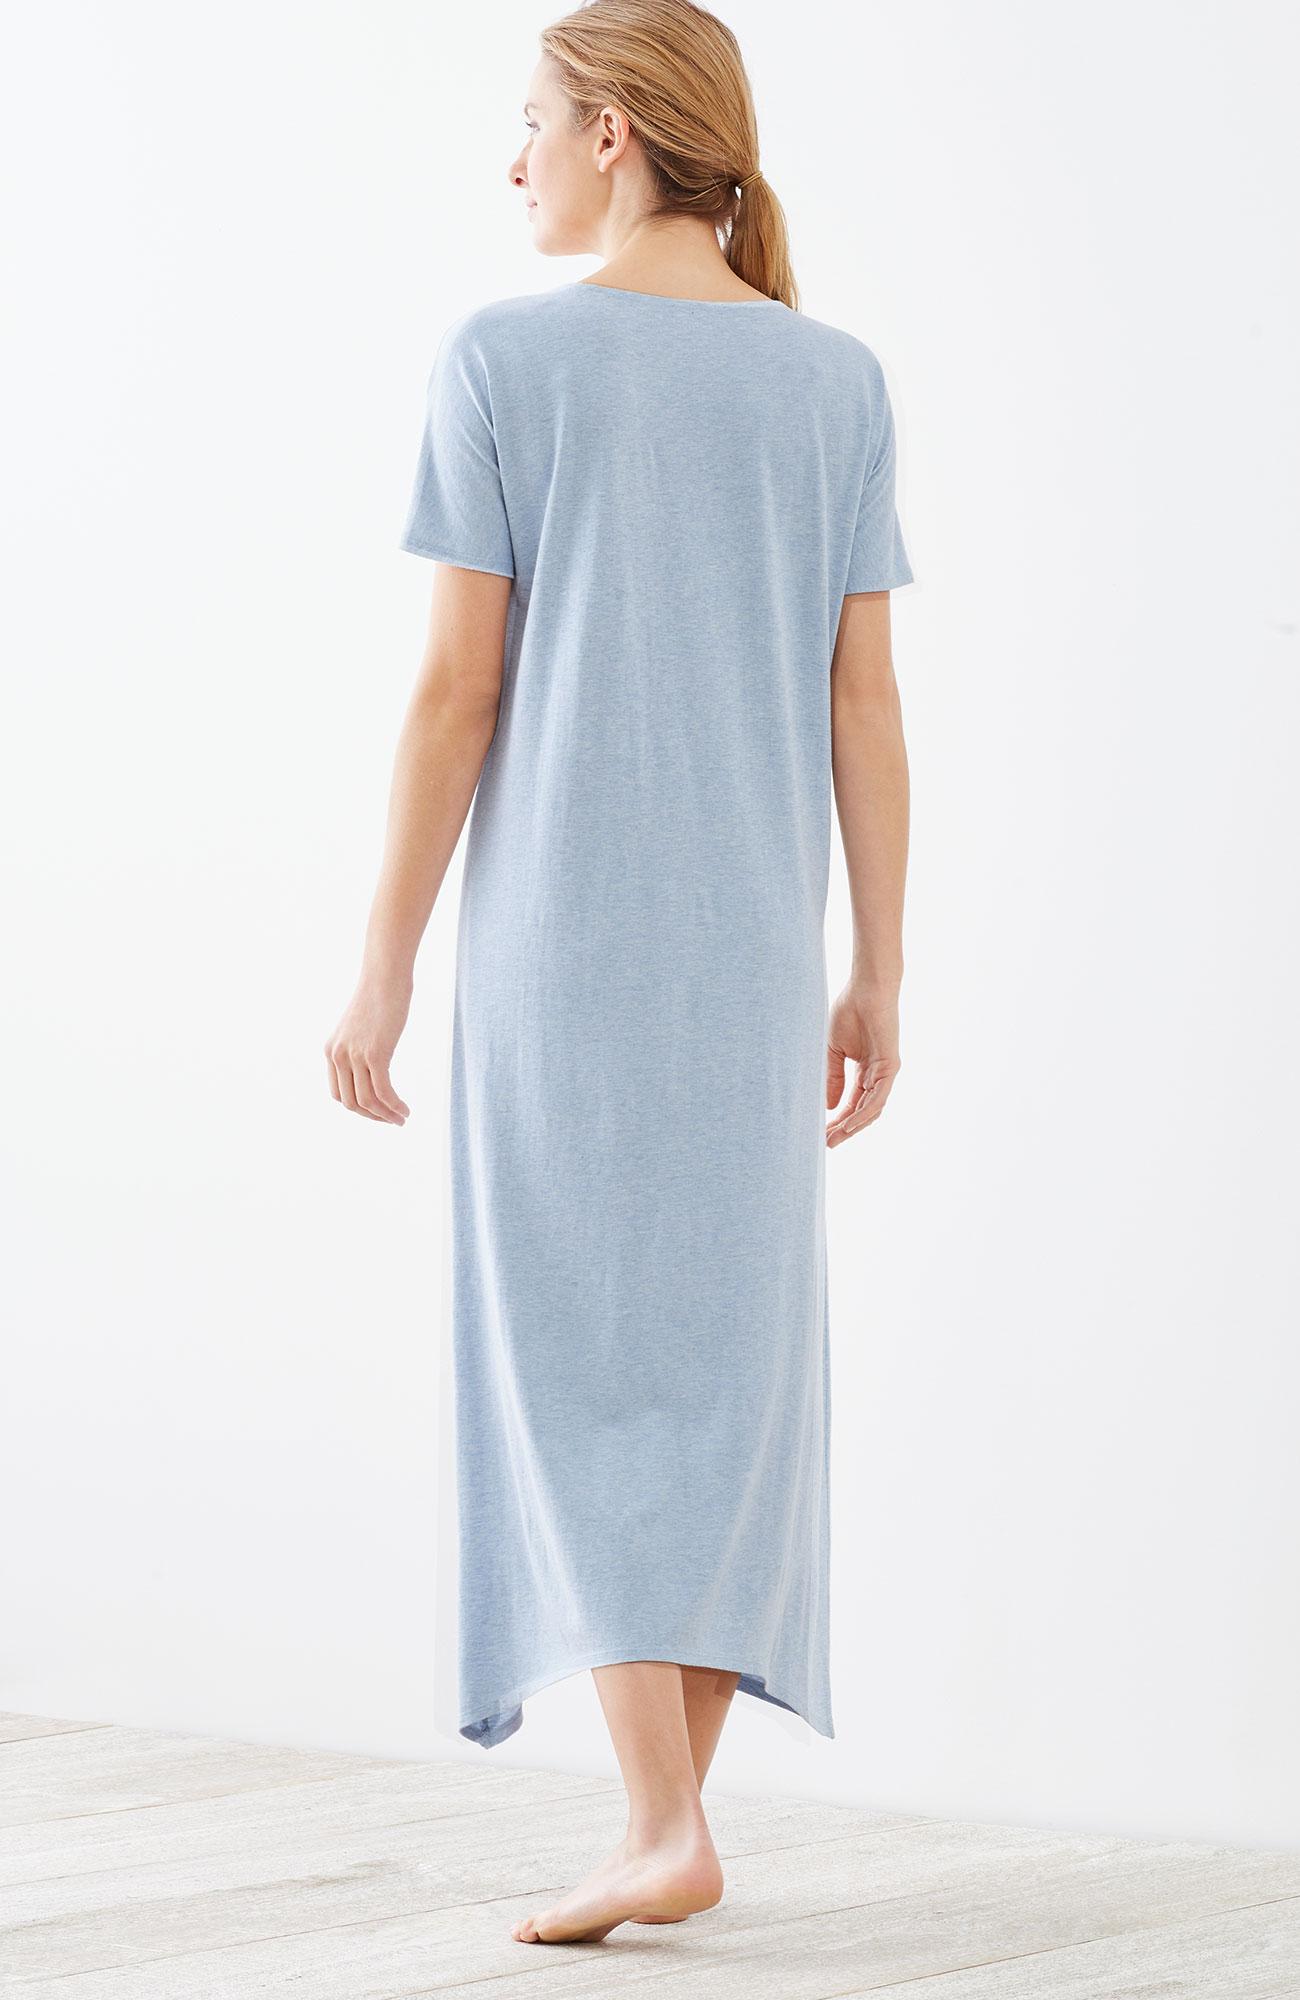 Pure Jill Sleep ultrasoft dipped-hem gown